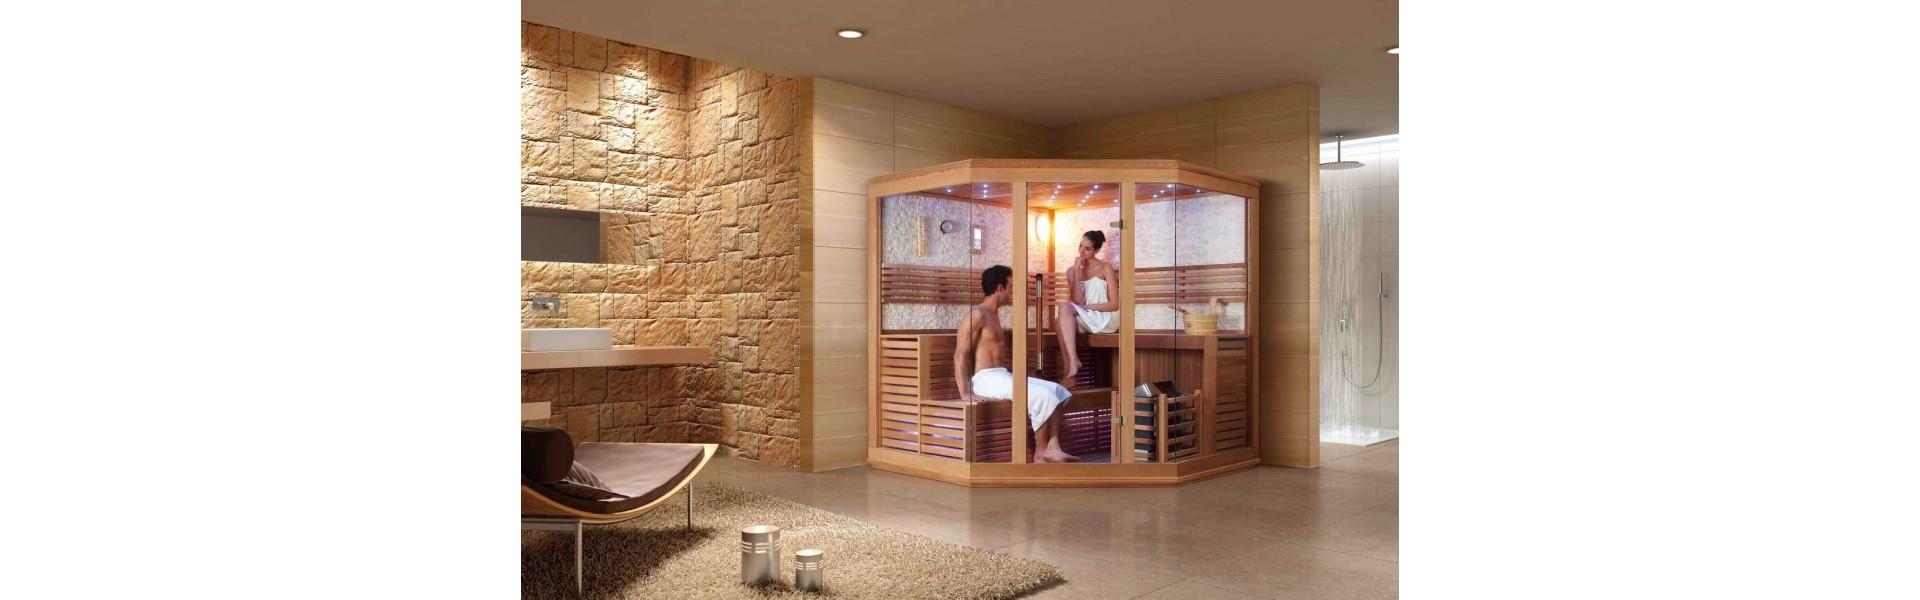 Cabinas De Baño Sauna:cabinas de hidromasaje, bañeras de hidromasaje, saunas, piscinas de